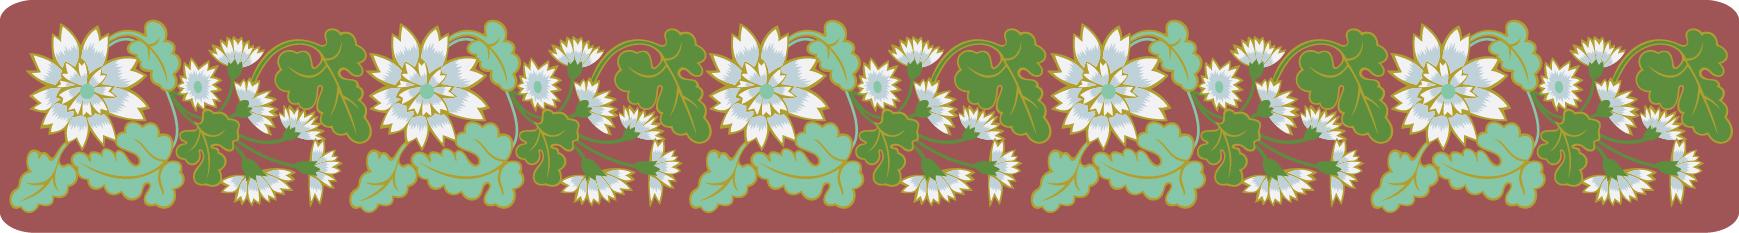 中国传统刺绣小雏菊图案,矢量素